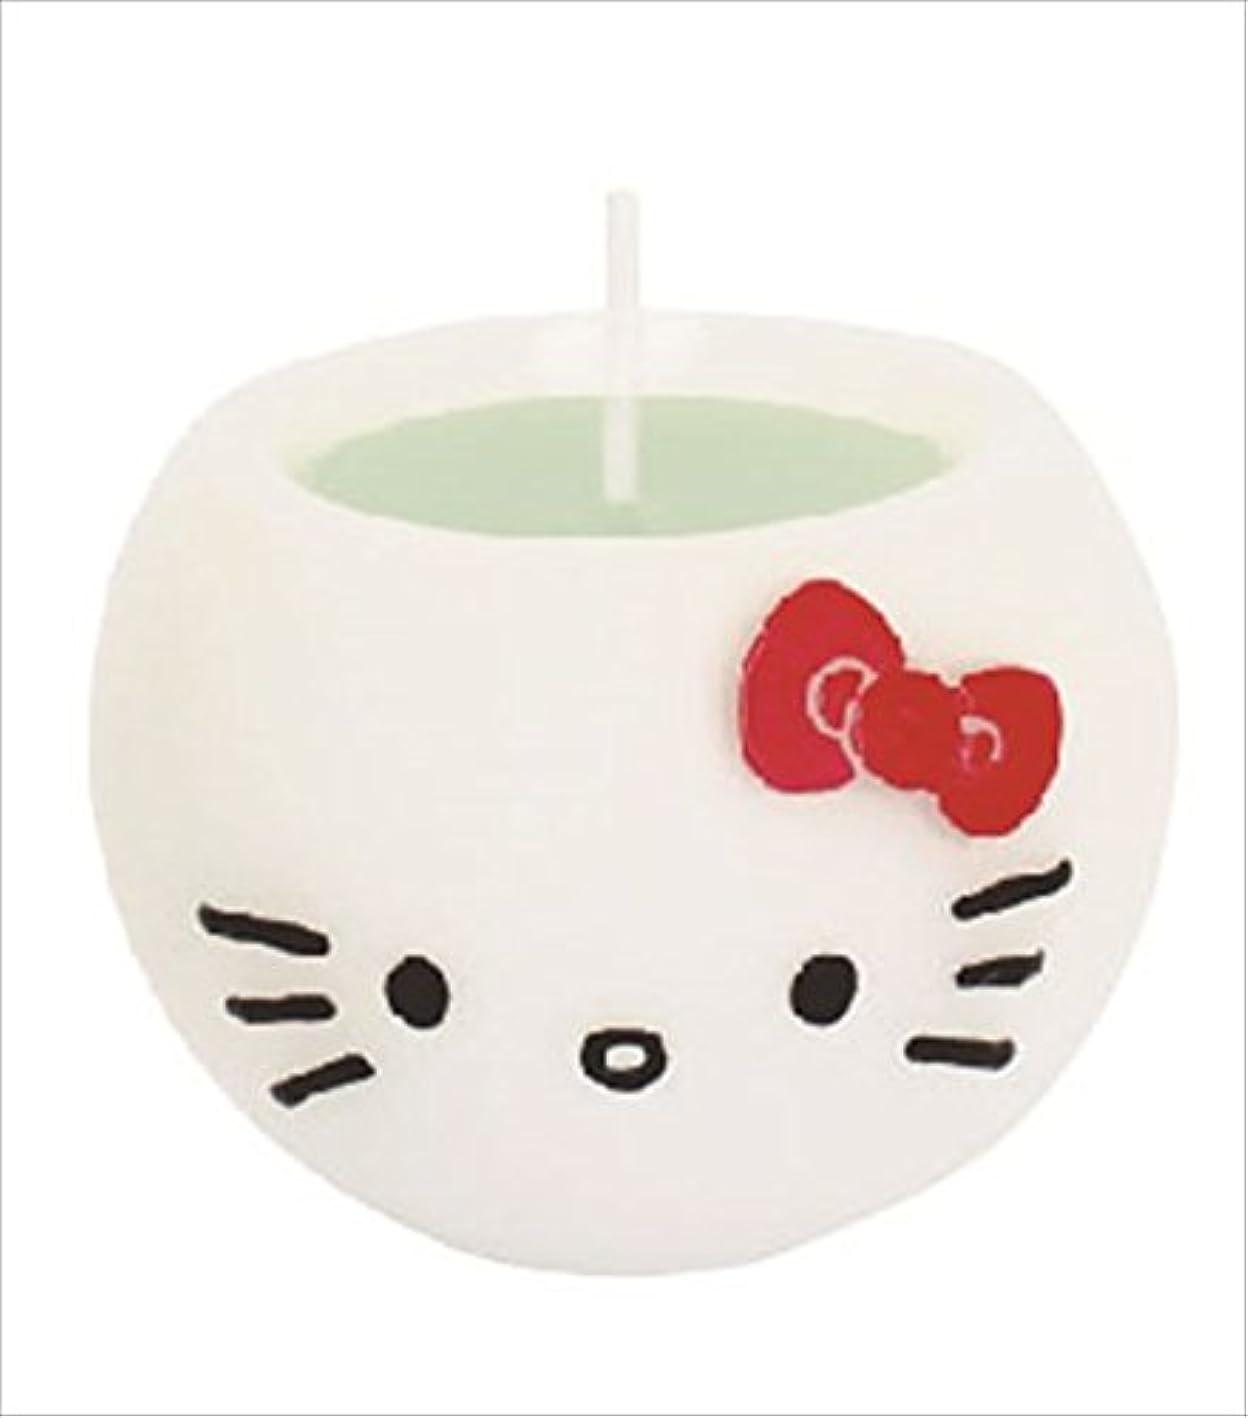 興奮め言葉荒らすカメヤマキャンドル( kameyama candle ) ハローキティアロマキャンドル 「 アップル 」